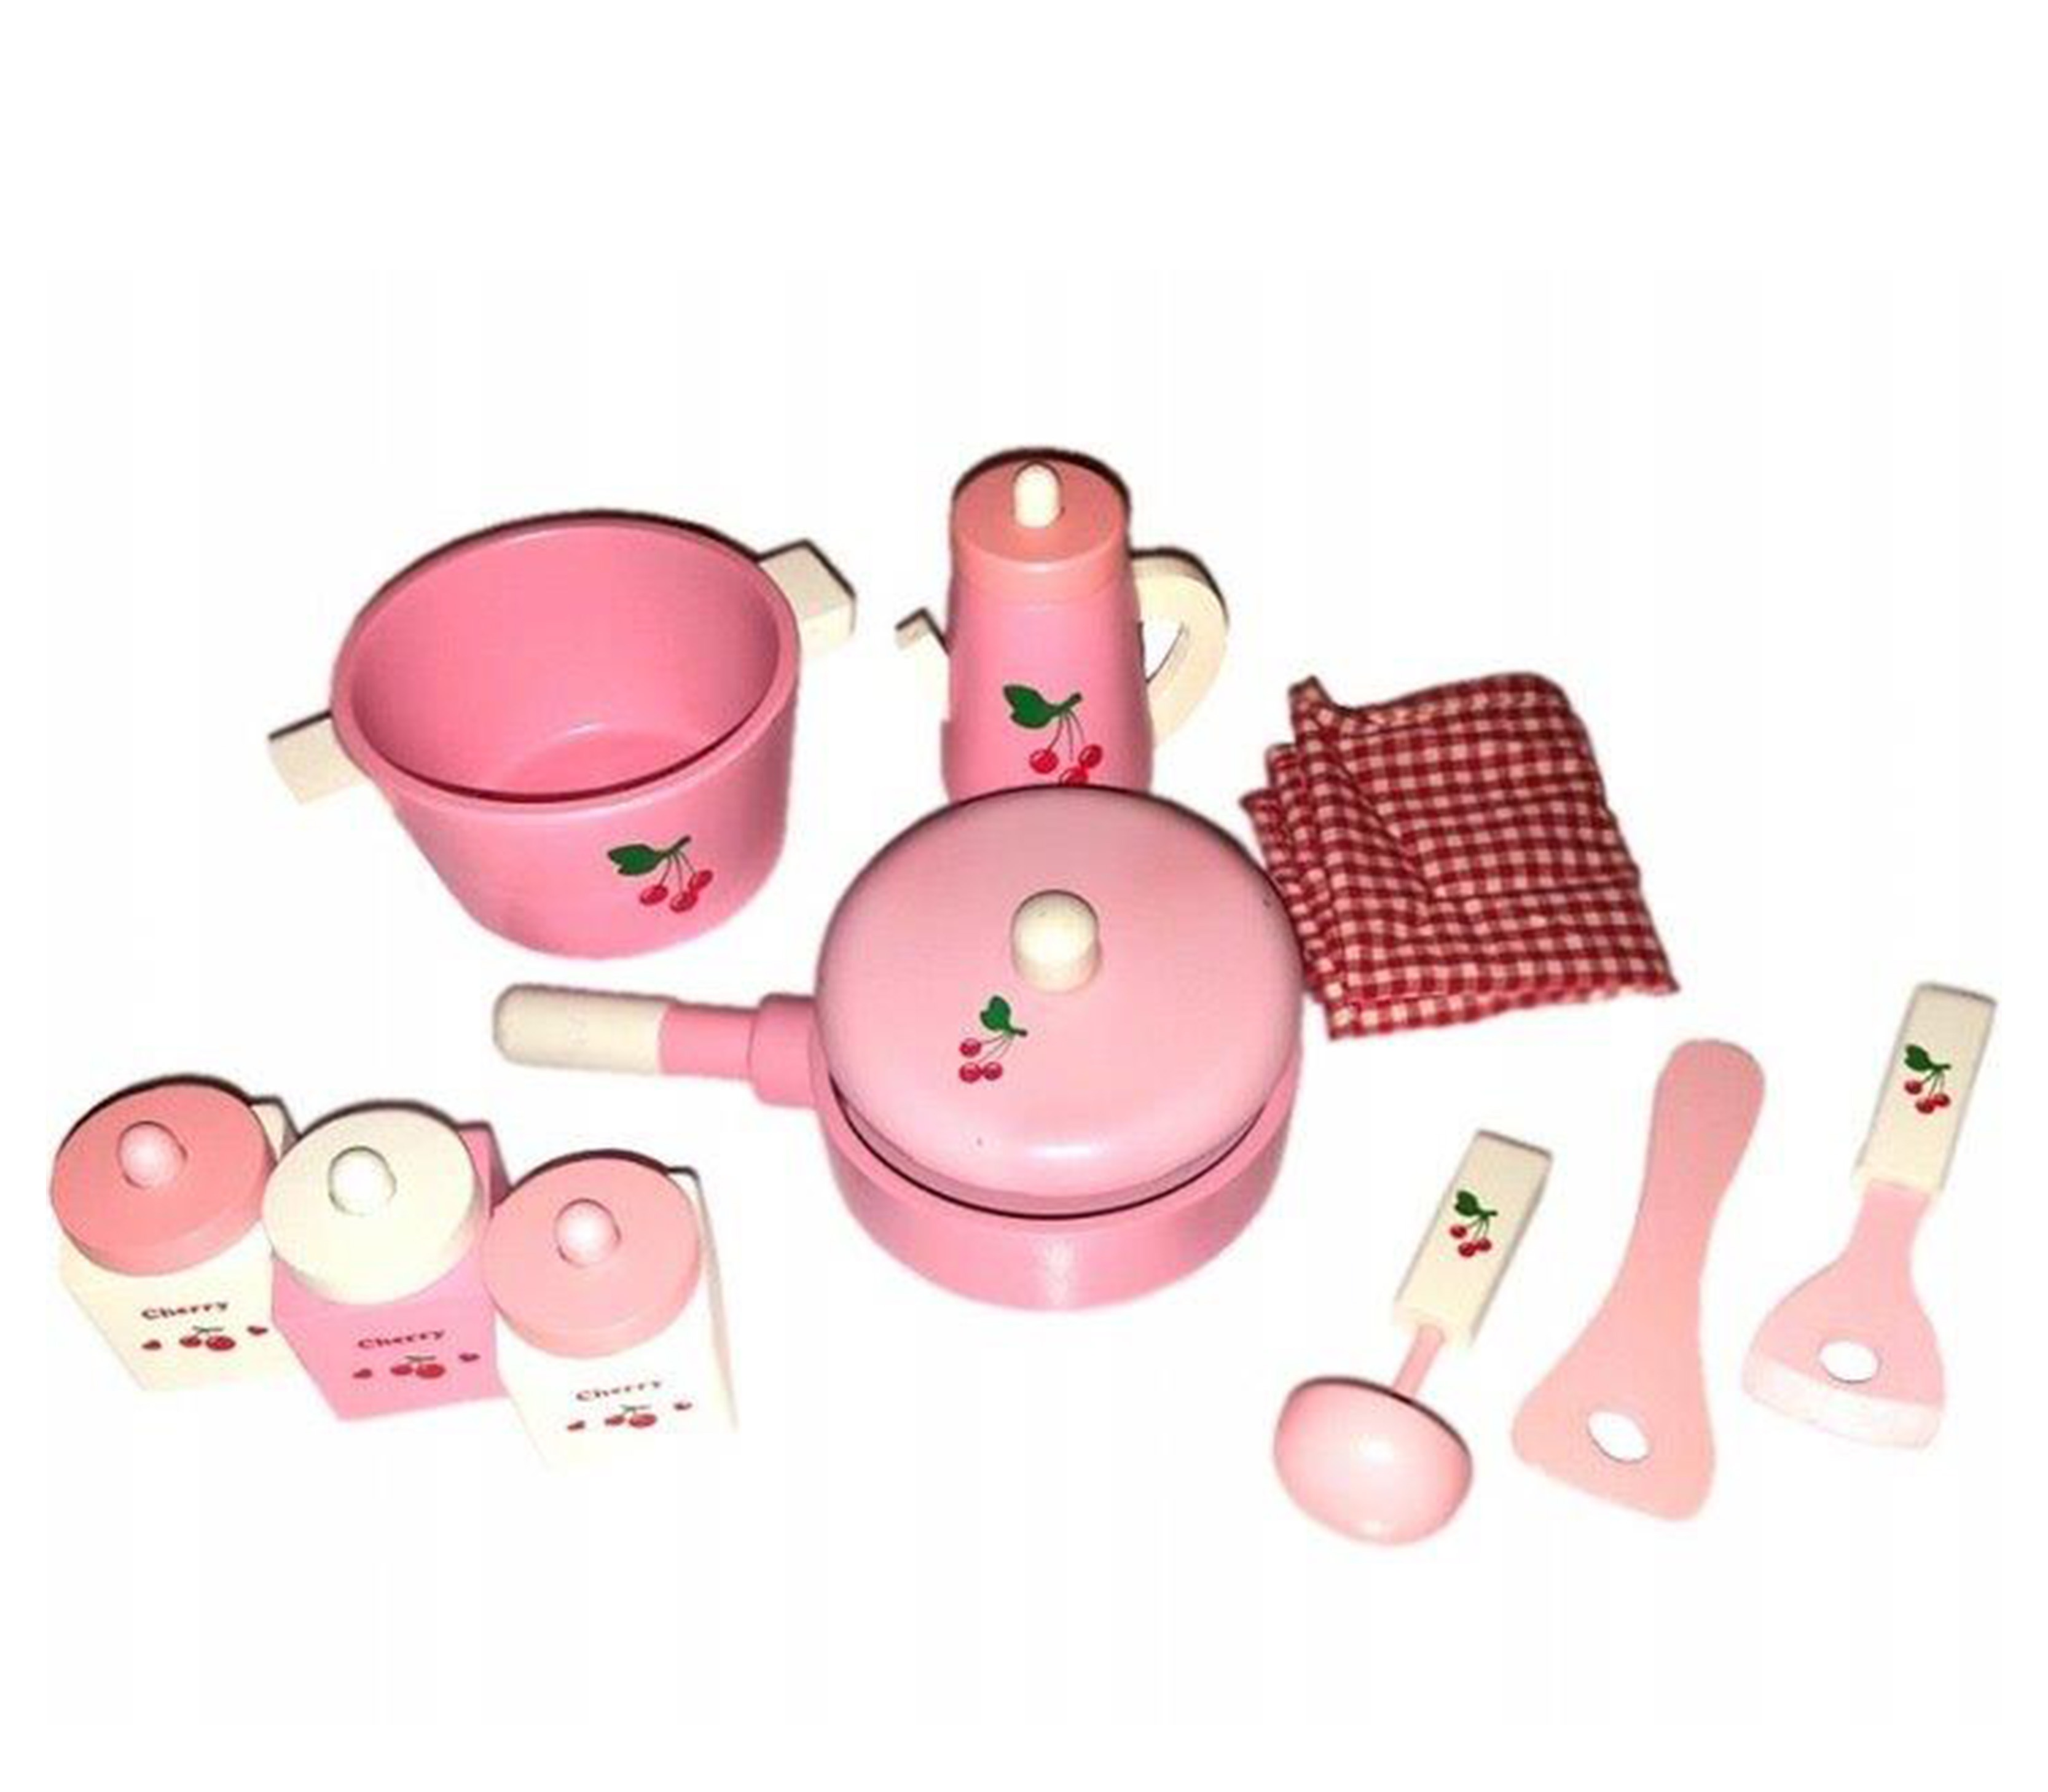 Aga4Kids Dětské nádobí COOKWARE SET 4